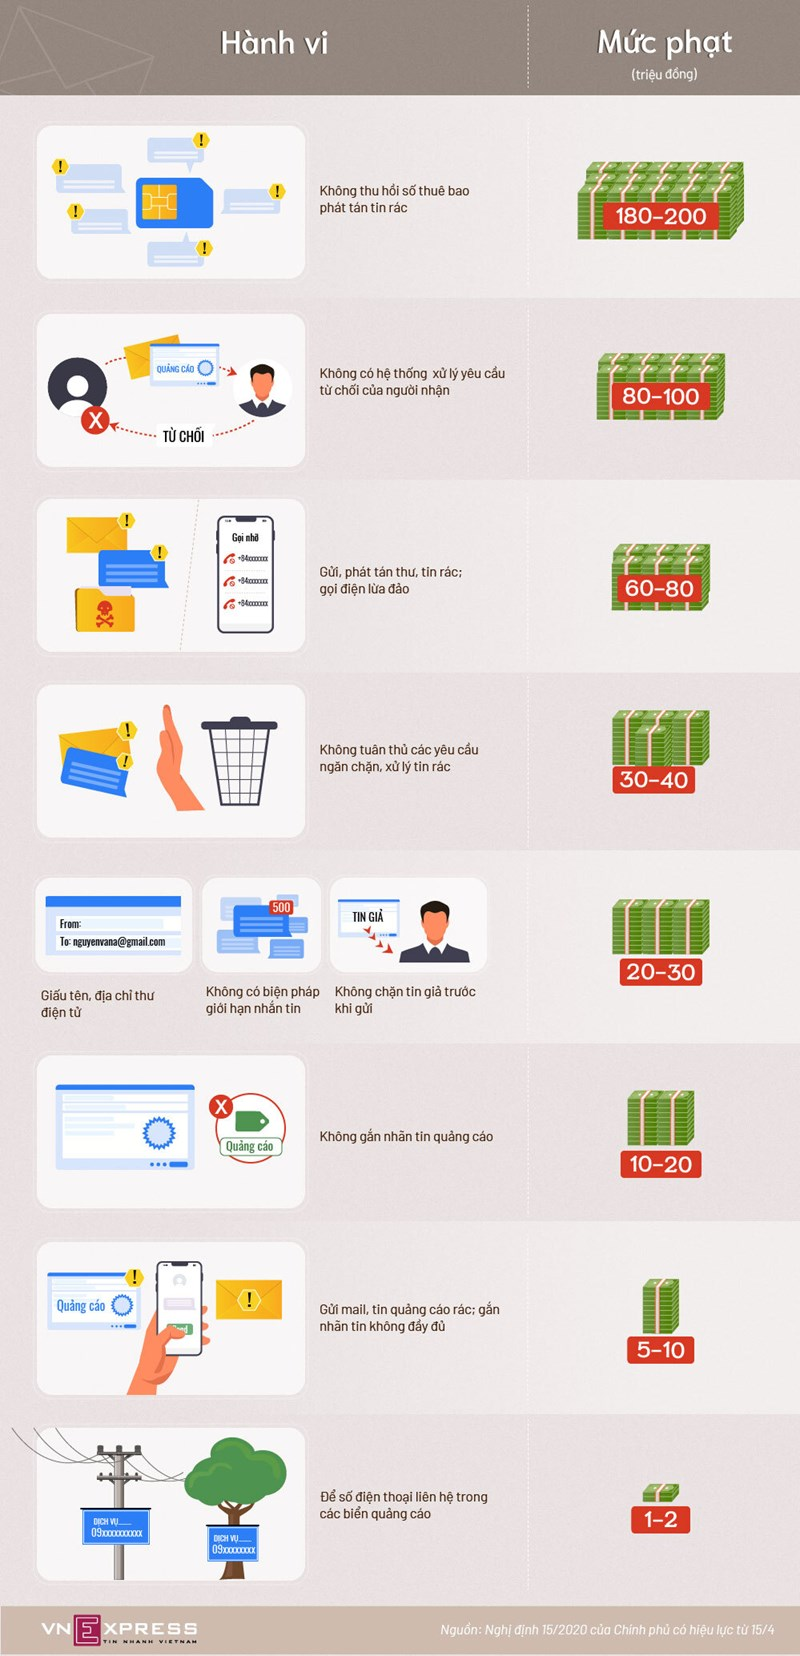 [Infographics] Nhắn tin nhắn rác có thể bị phạt tới 80 triệu đồng - Ảnh 1